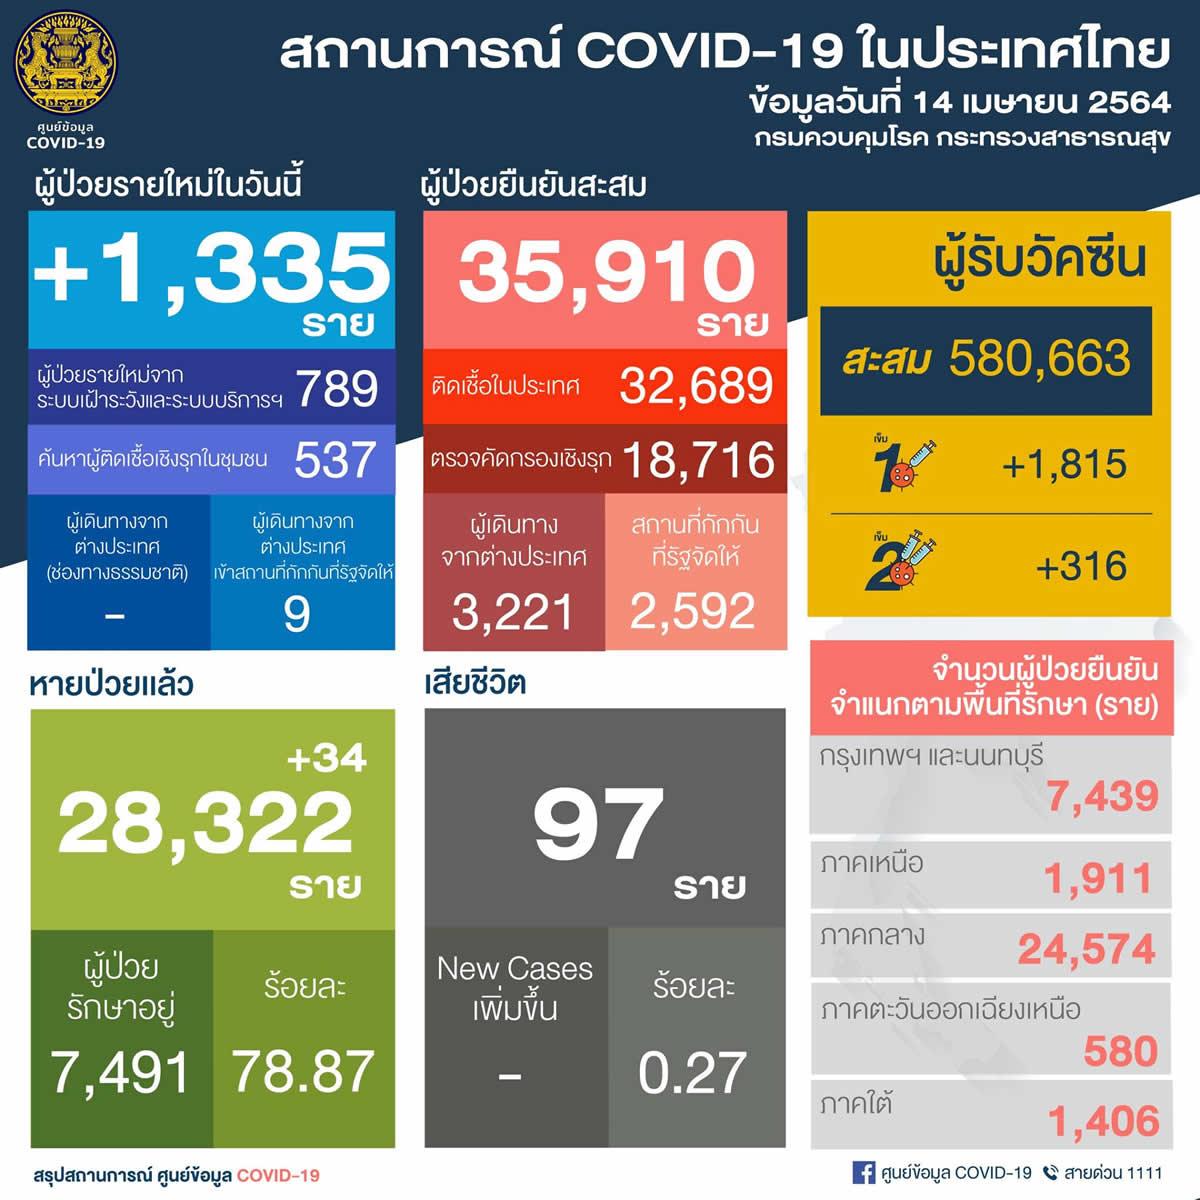 新規タイ国内感染は1,326人/バンコク351人/チェンマイ県319人[2021年4月14日発表]